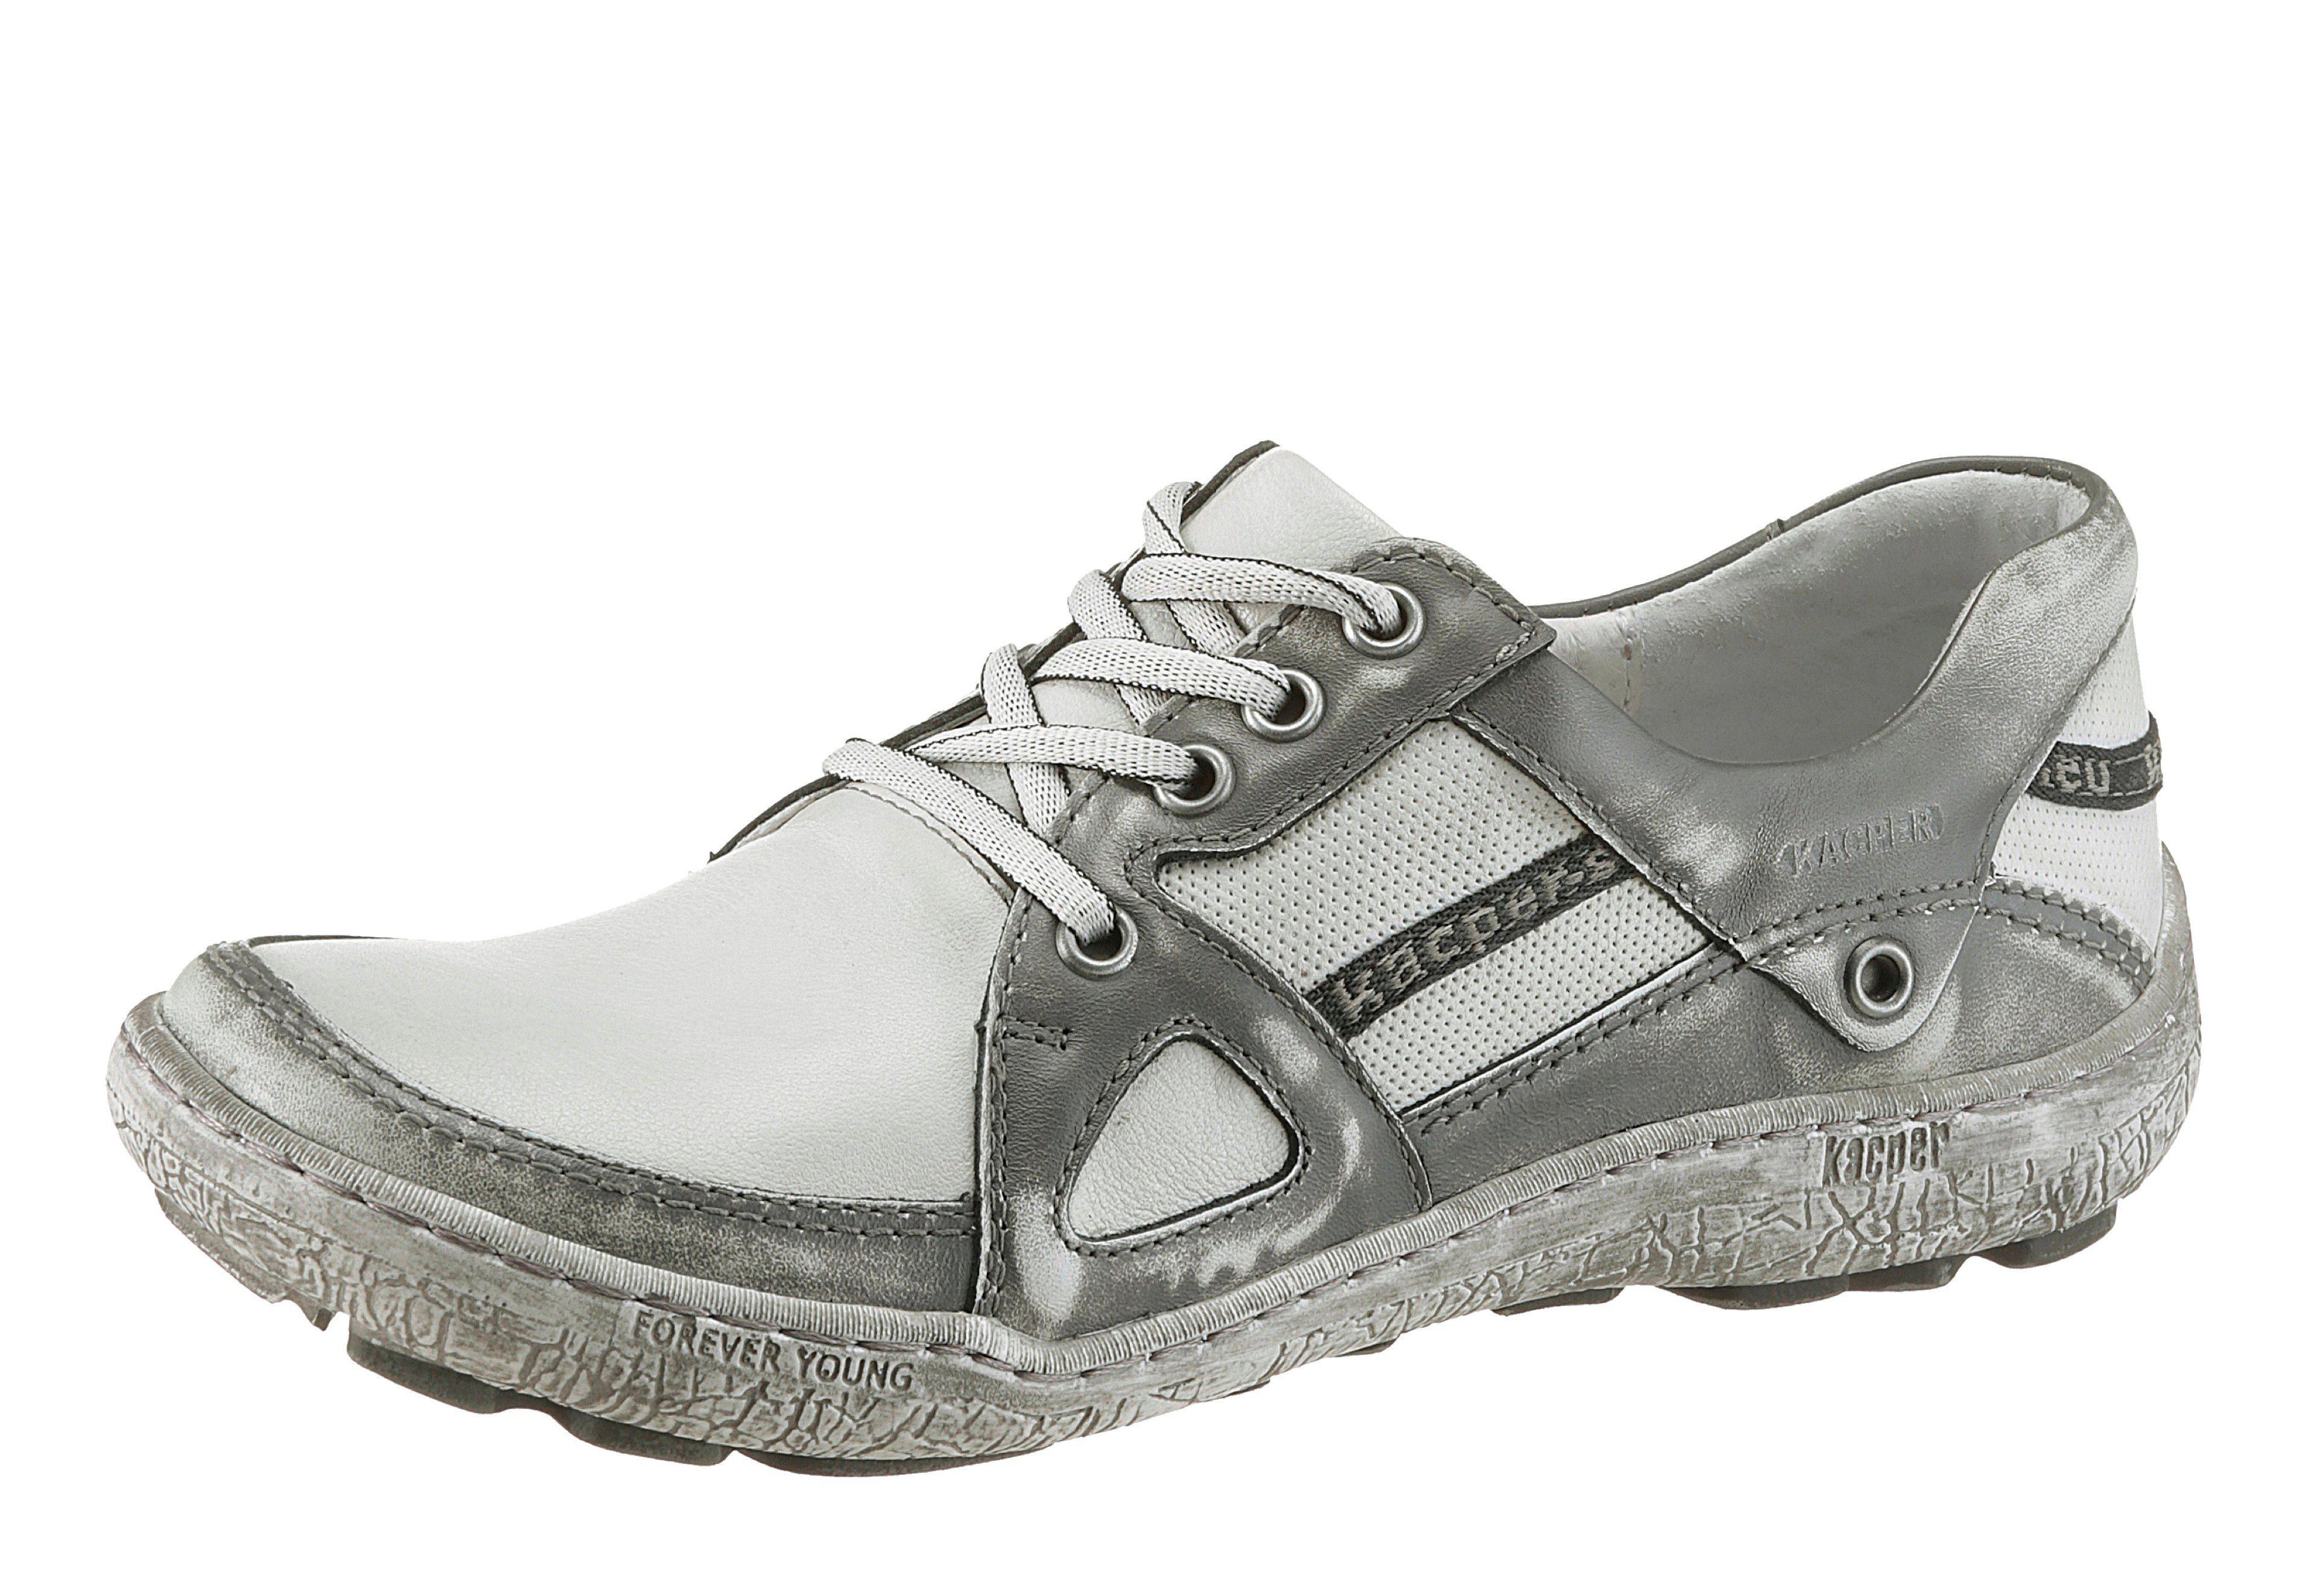 KACPER Schnürschuh, im coolen Used-Look kaufen  weiß-grau